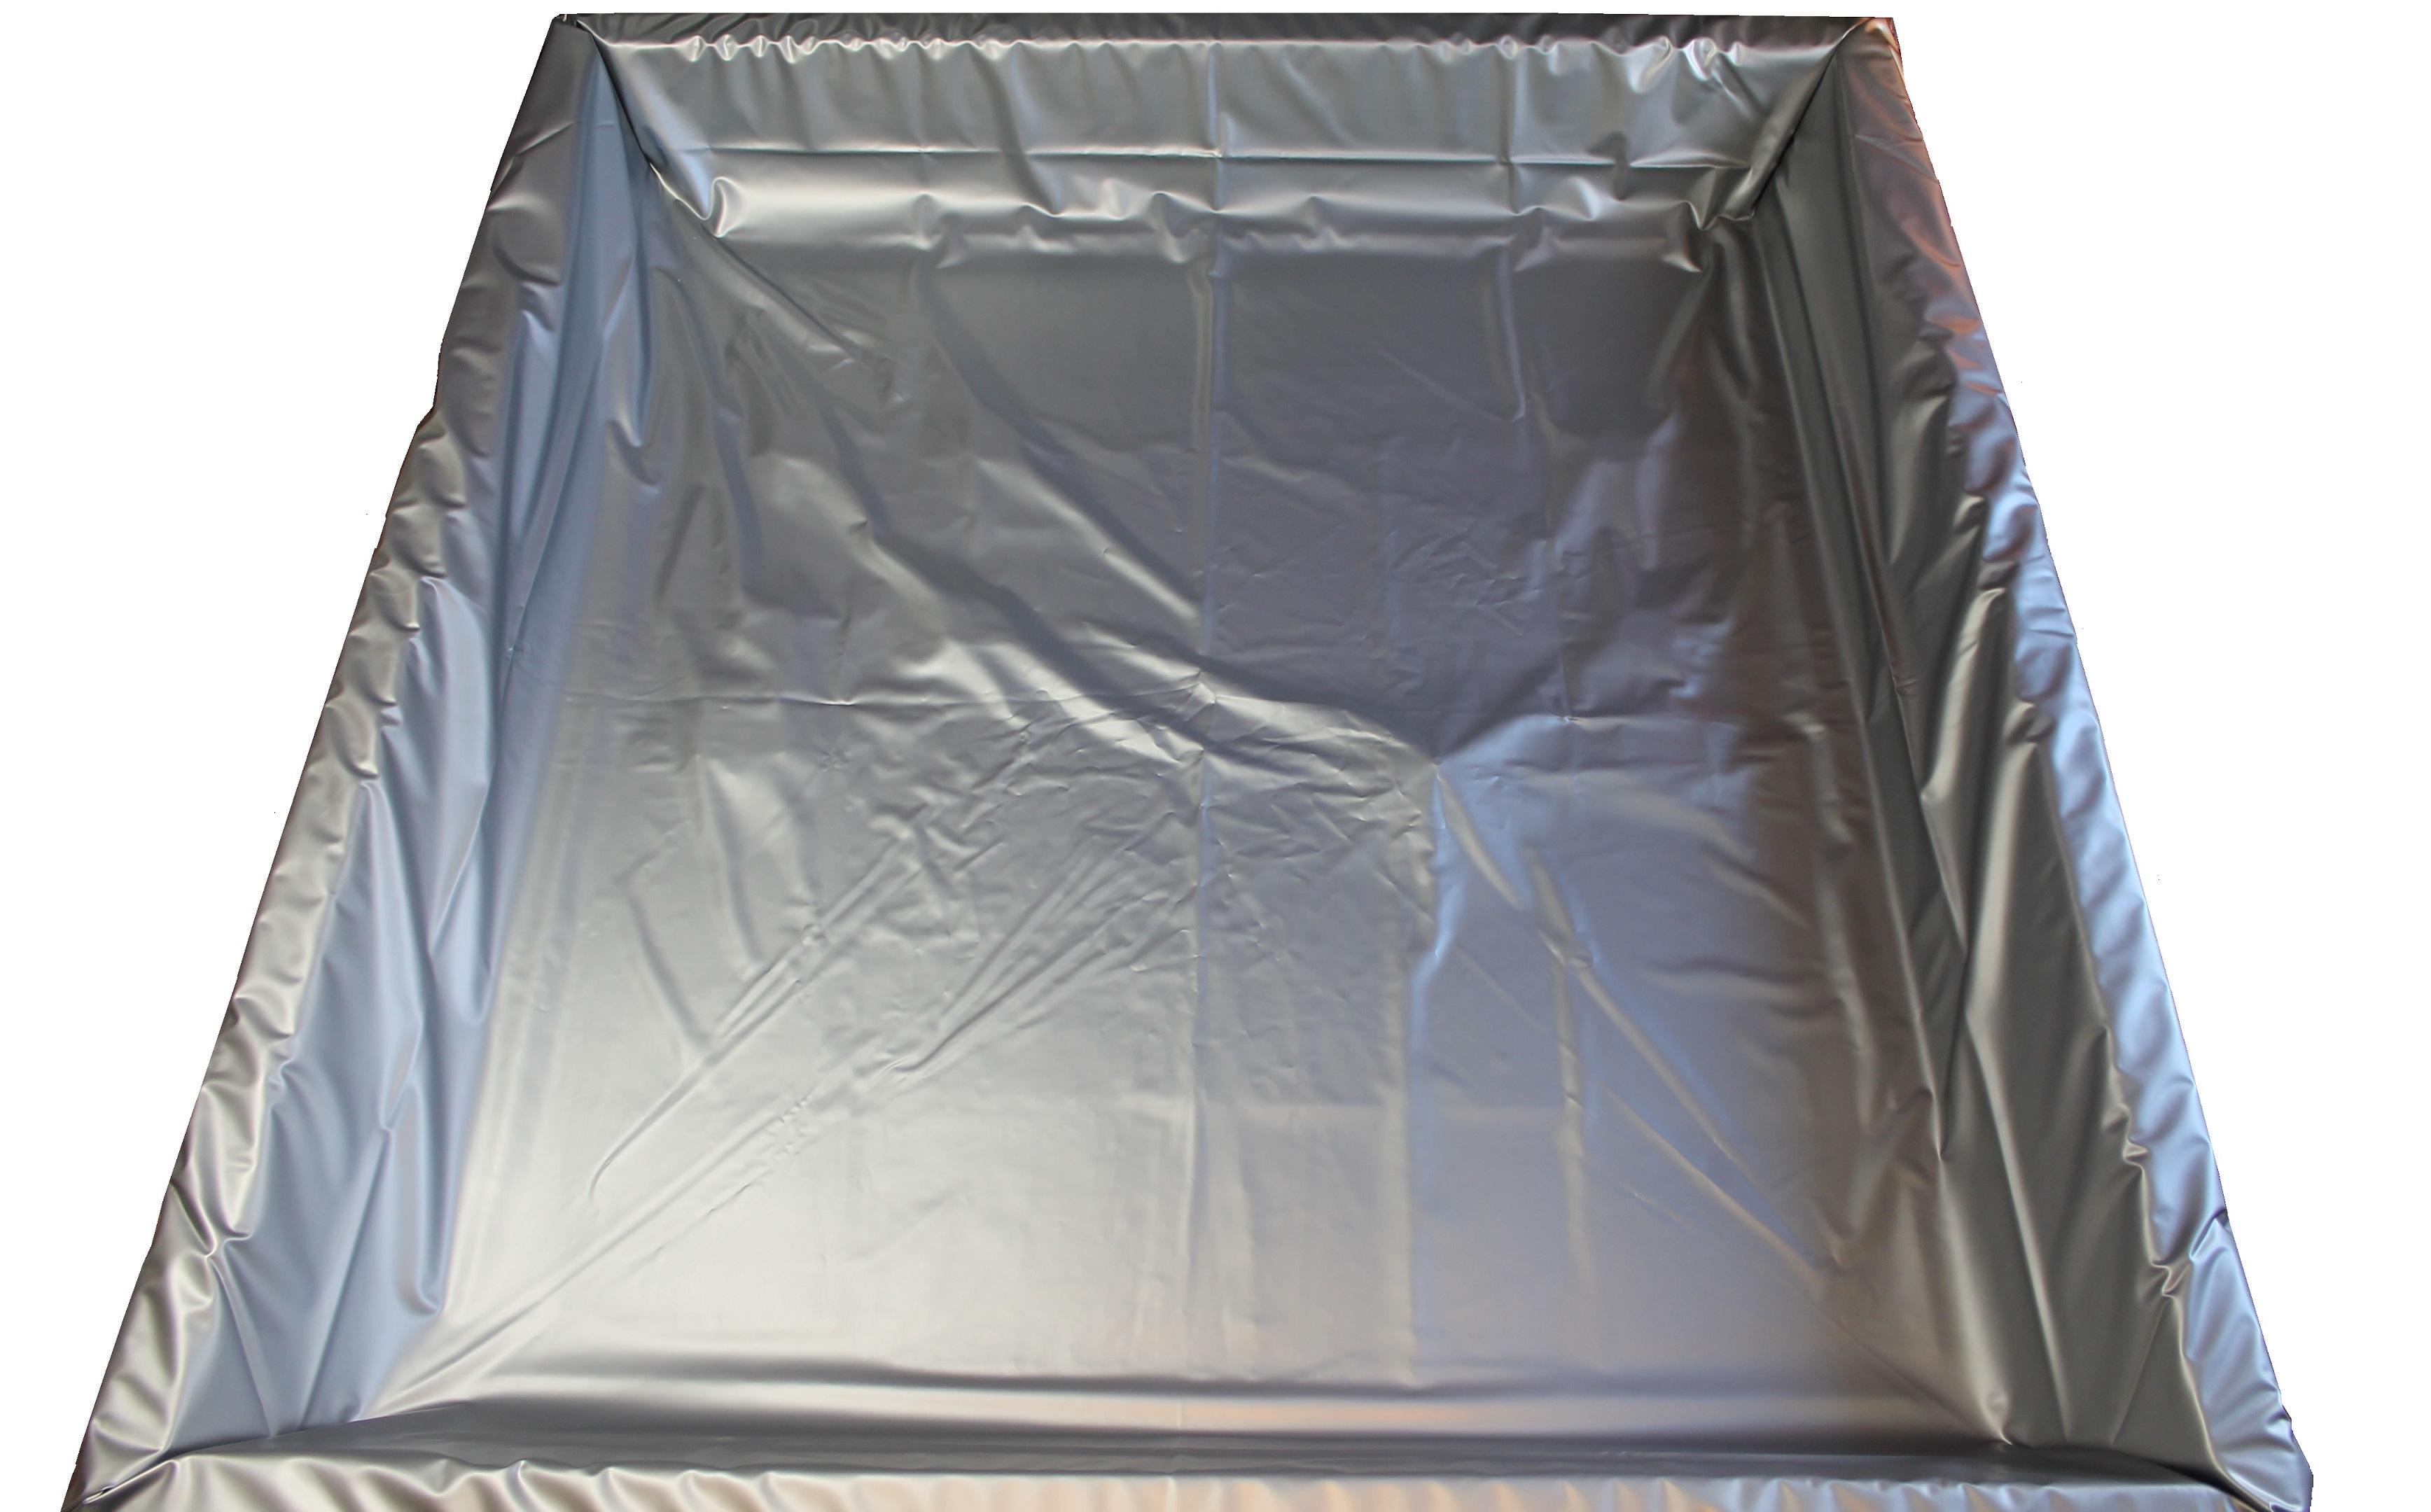 wasserbett sicherheitswanne sicherheitsfolie auffangwanne auslaufschutz kaufen ebay. Black Bedroom Furniture Sets. Home Design Ideas